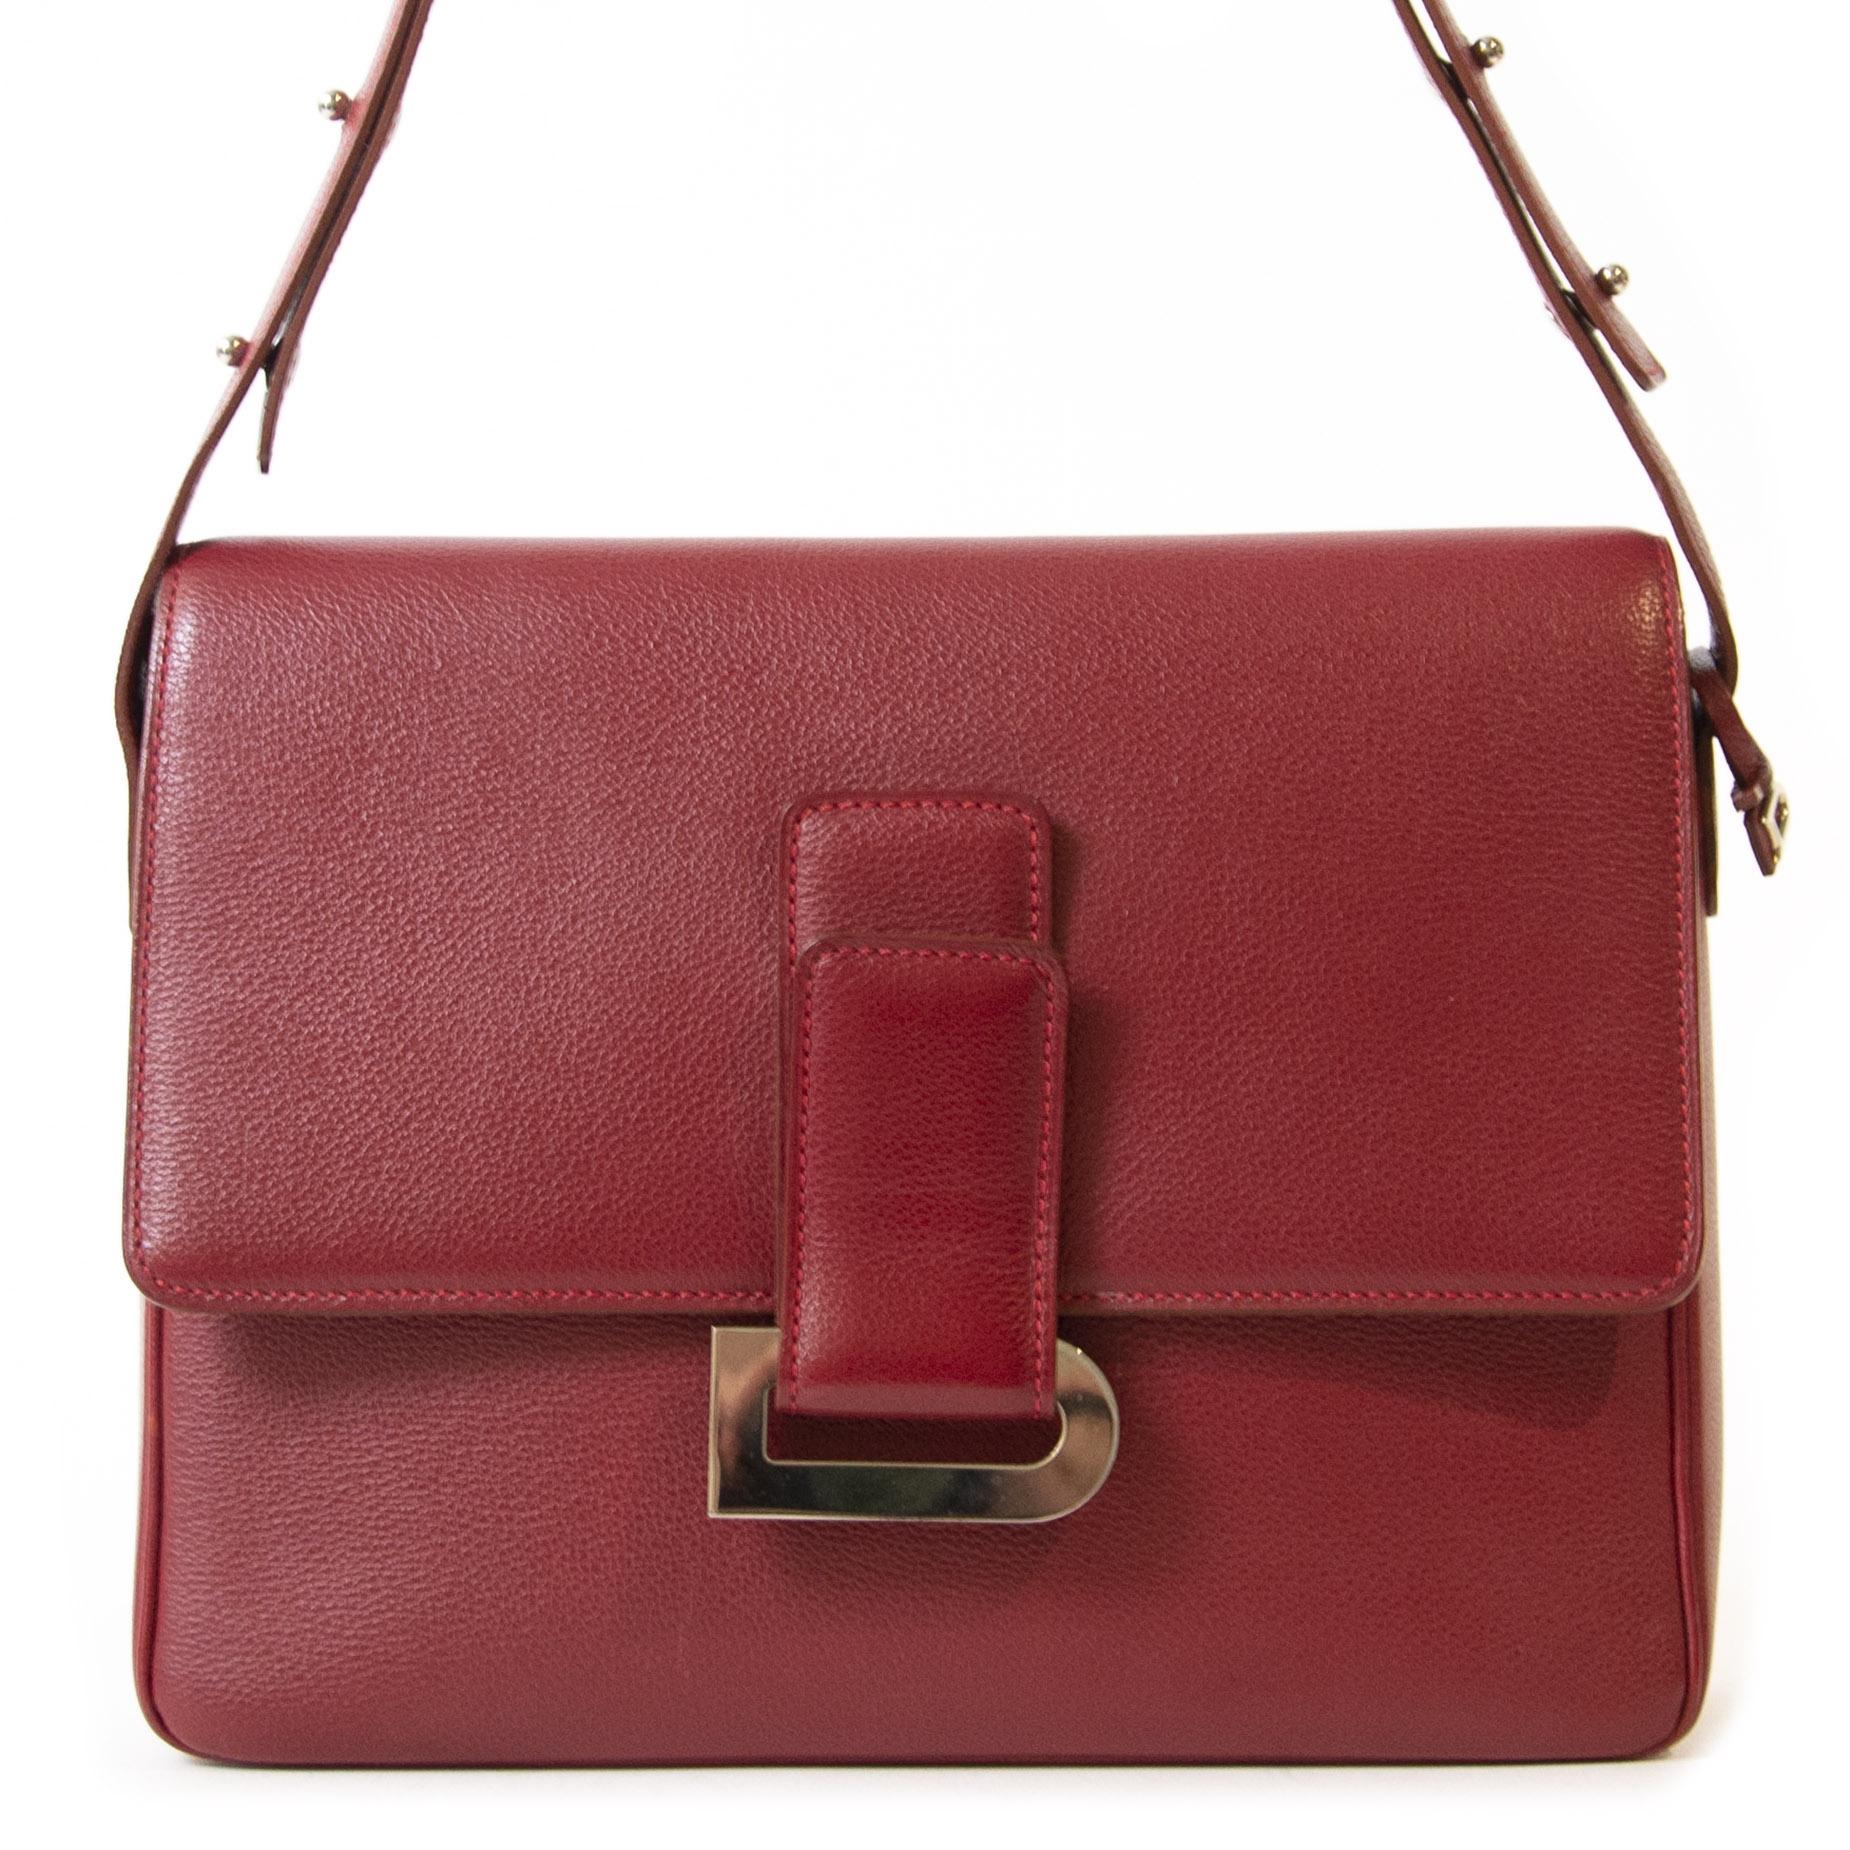 Koop authentieke tweedehands Delvaux Brique Red Leather Poirier Shoulder Bag juiste prijs veilig online winkelen LabelLOV webshop luxe merken winkelen Antwerpen België mode fashion